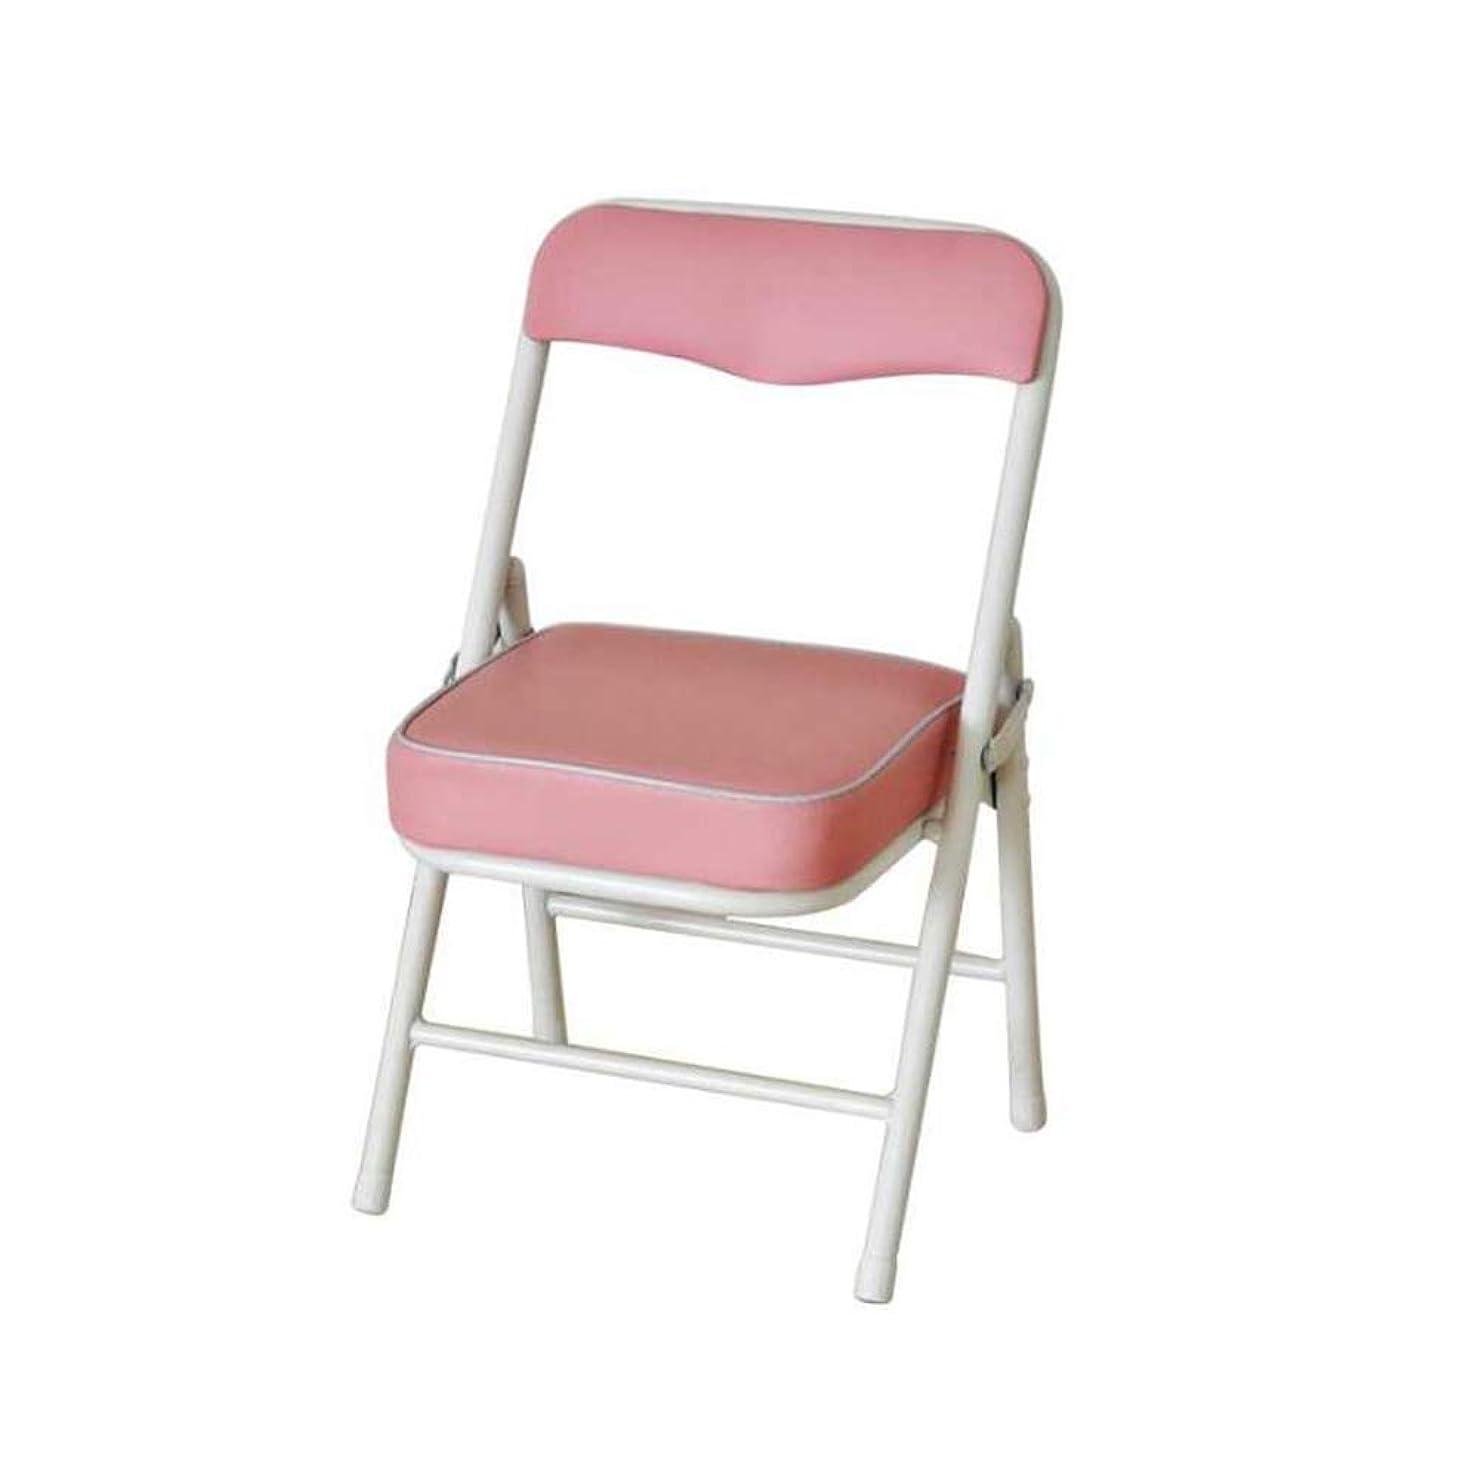 知覚する敬なキャプテンブライQIDI 折りたたみ 椅子 スツール 子 子供 シート バック 残り 管状の 鋼 フレーム PU 軽量 耐久性のある 33 * 28 * 53CM (色 : ピンク)